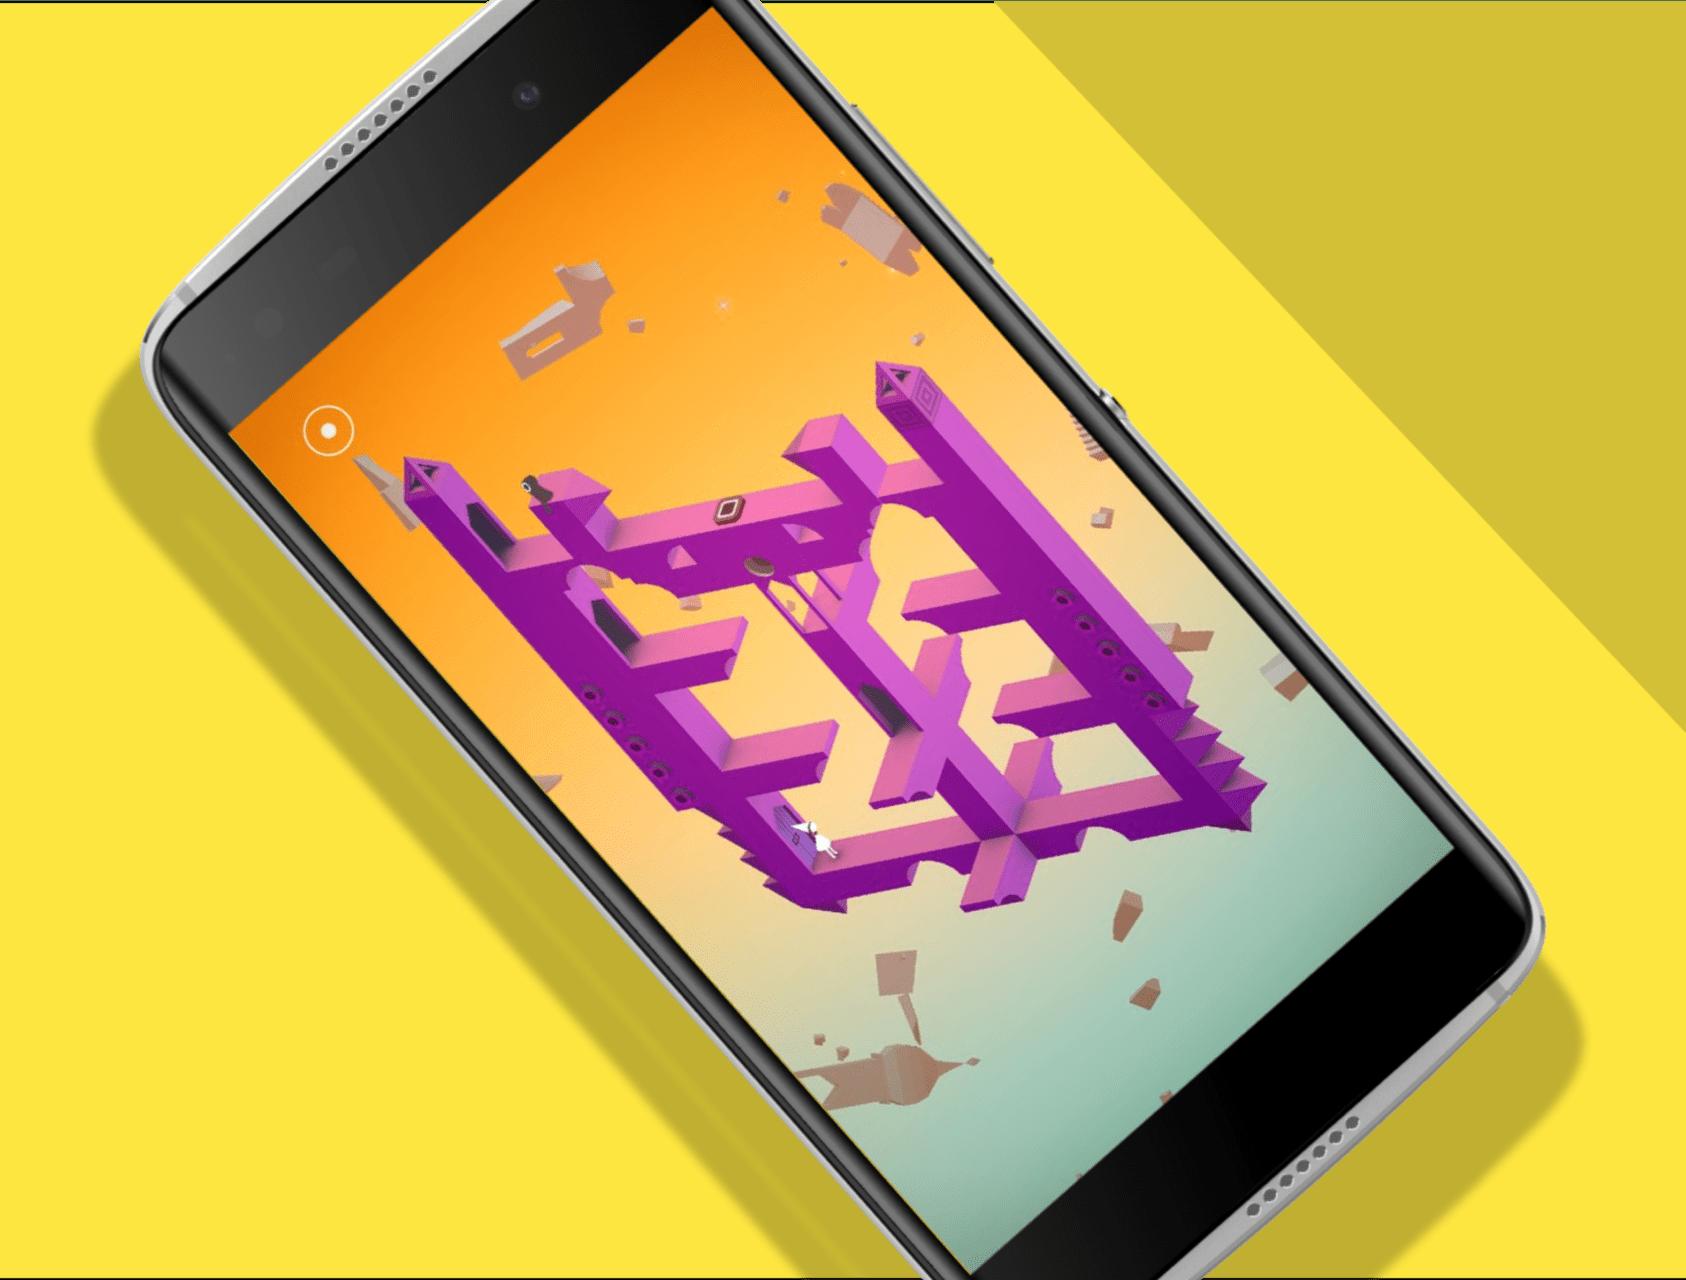 Gioca a Tetris con il tuo iPhone con questa cover - TechBoom